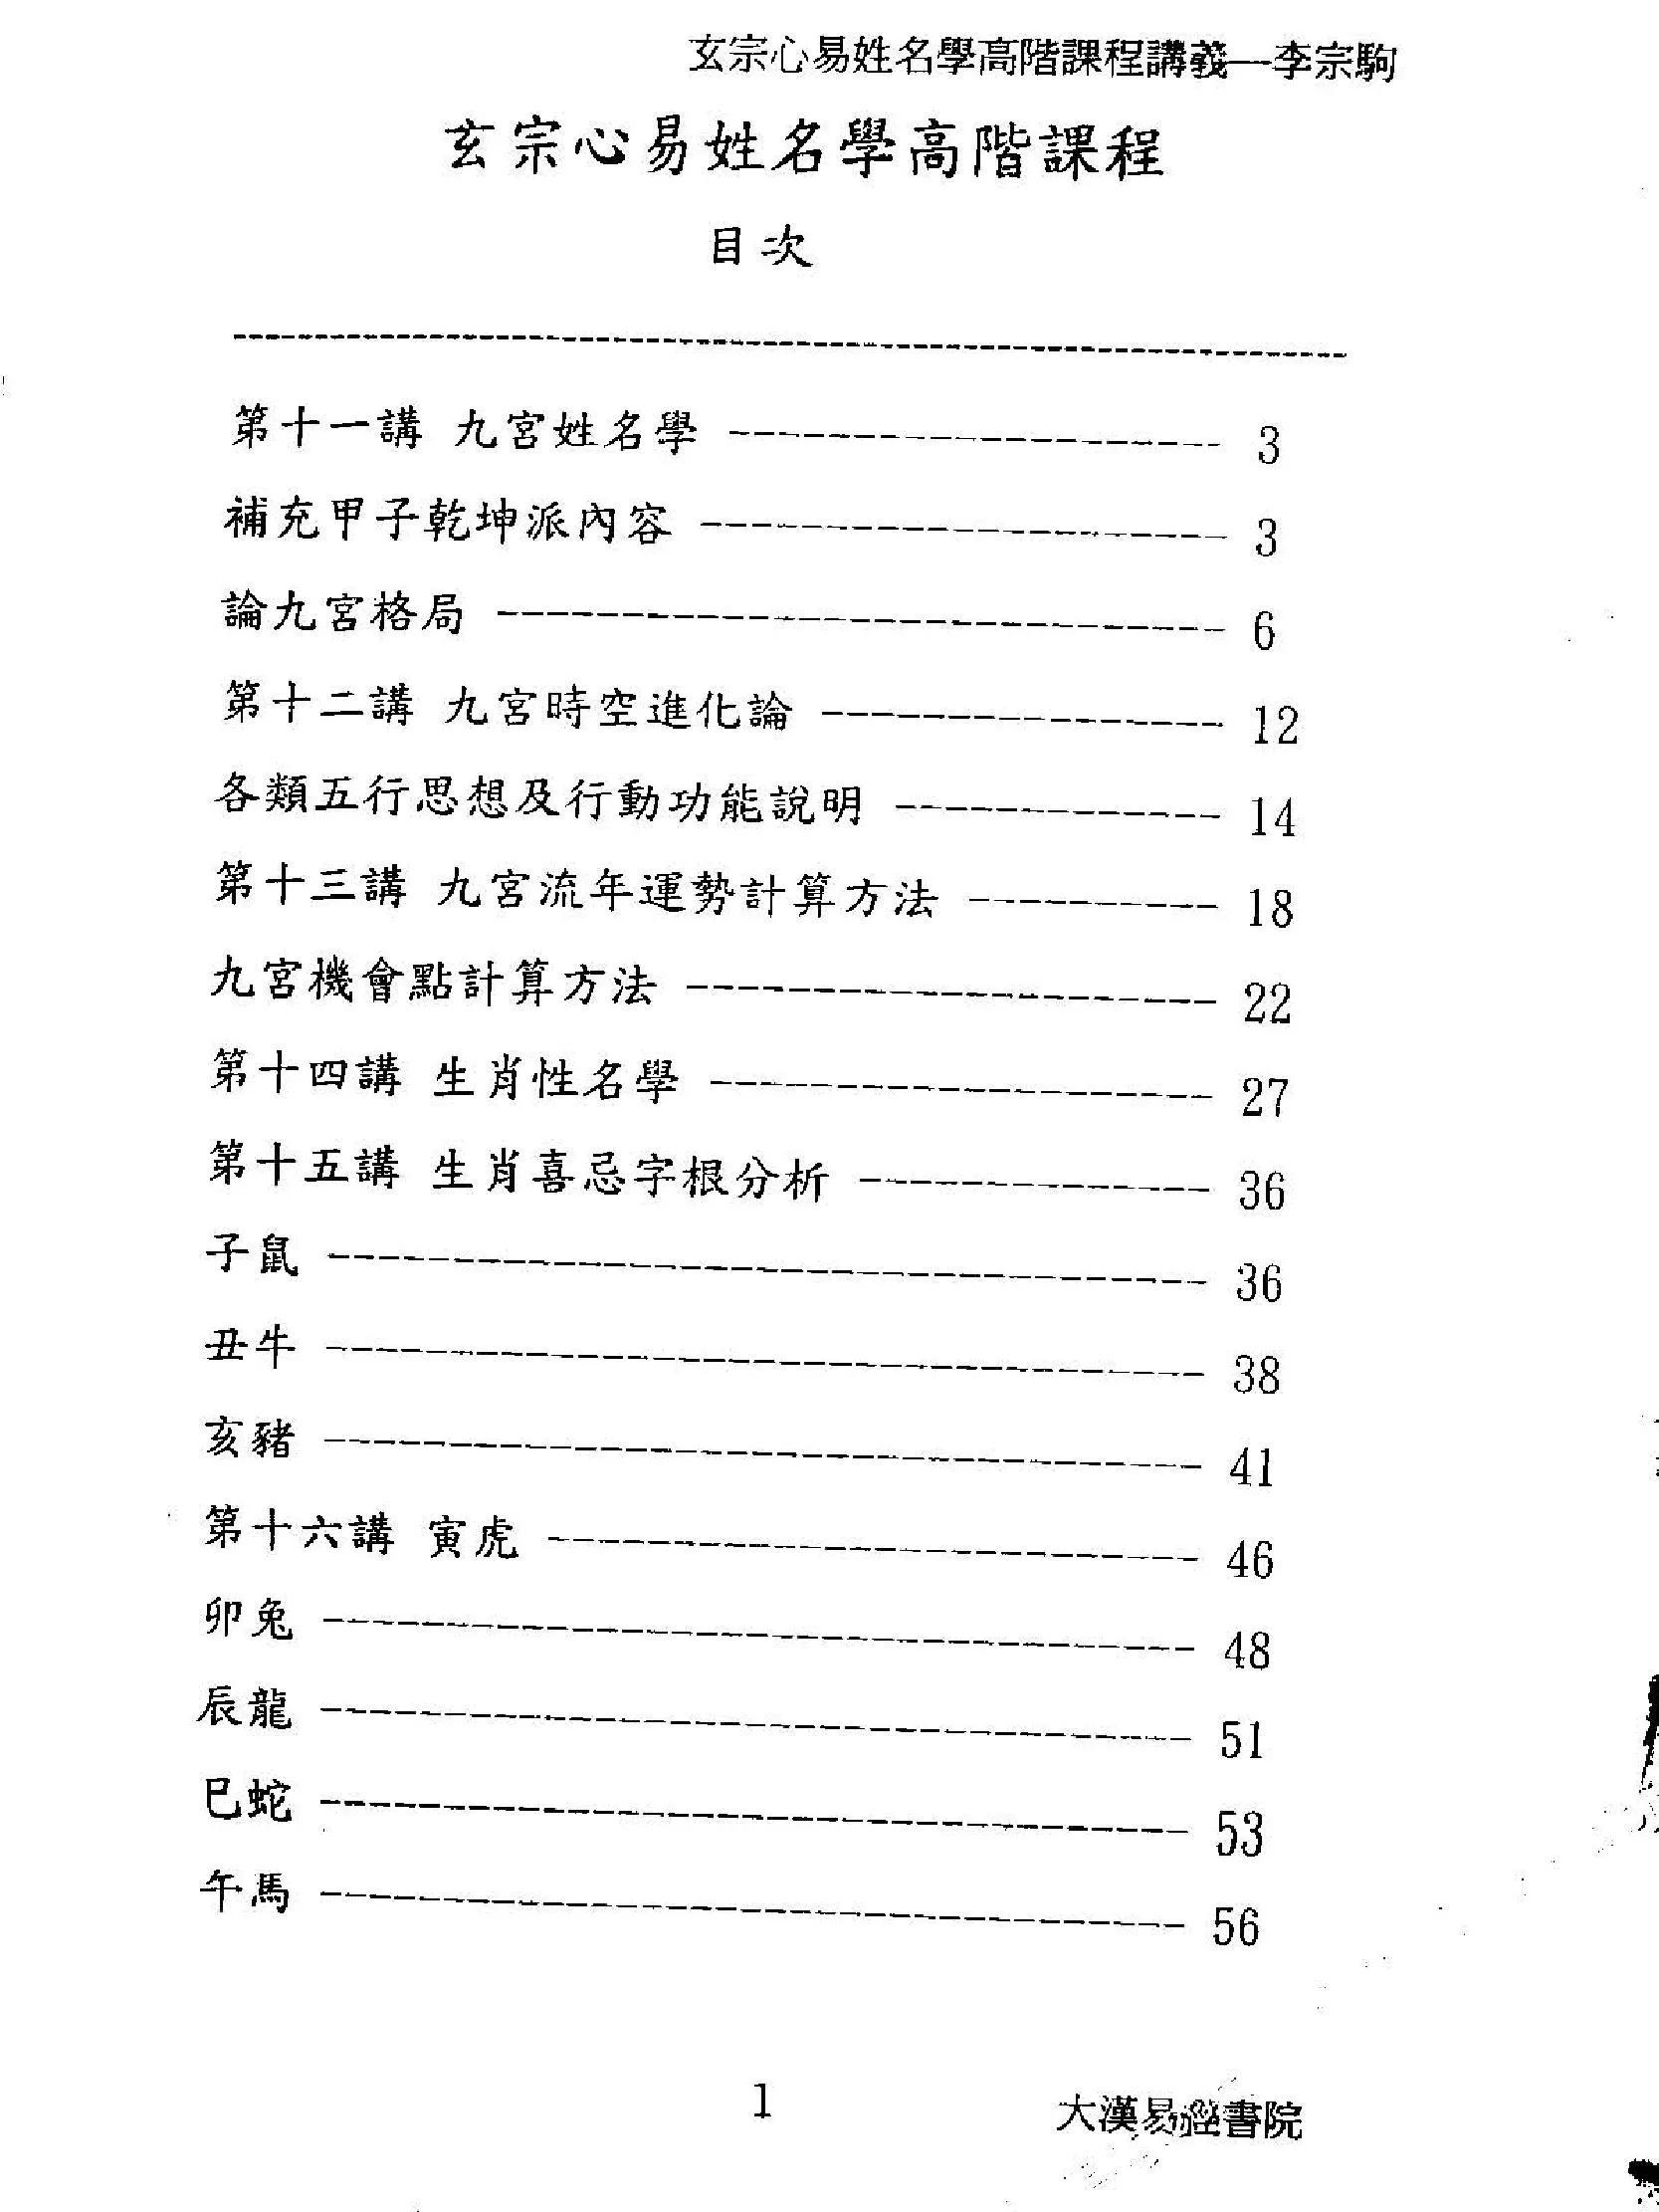 风水学- 李宗驹玄宗心易姓名学讲座录播课及课程资料插图1